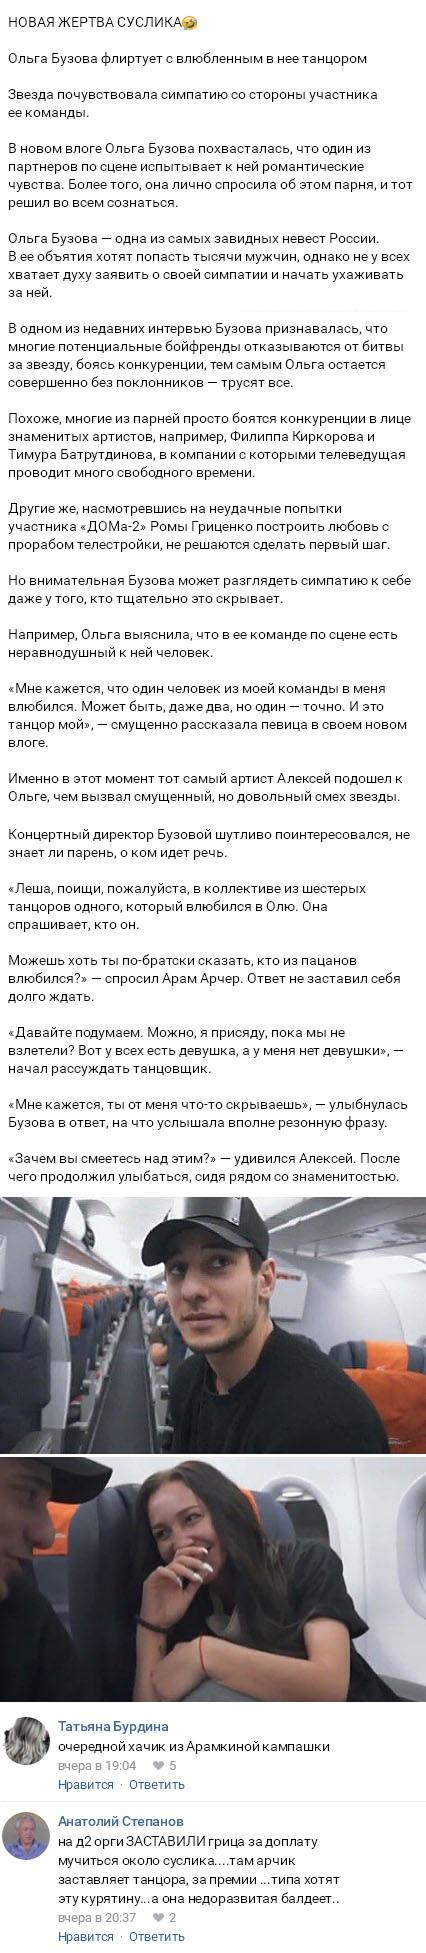 С кем на самом деле крутит роман Ольга Бузова